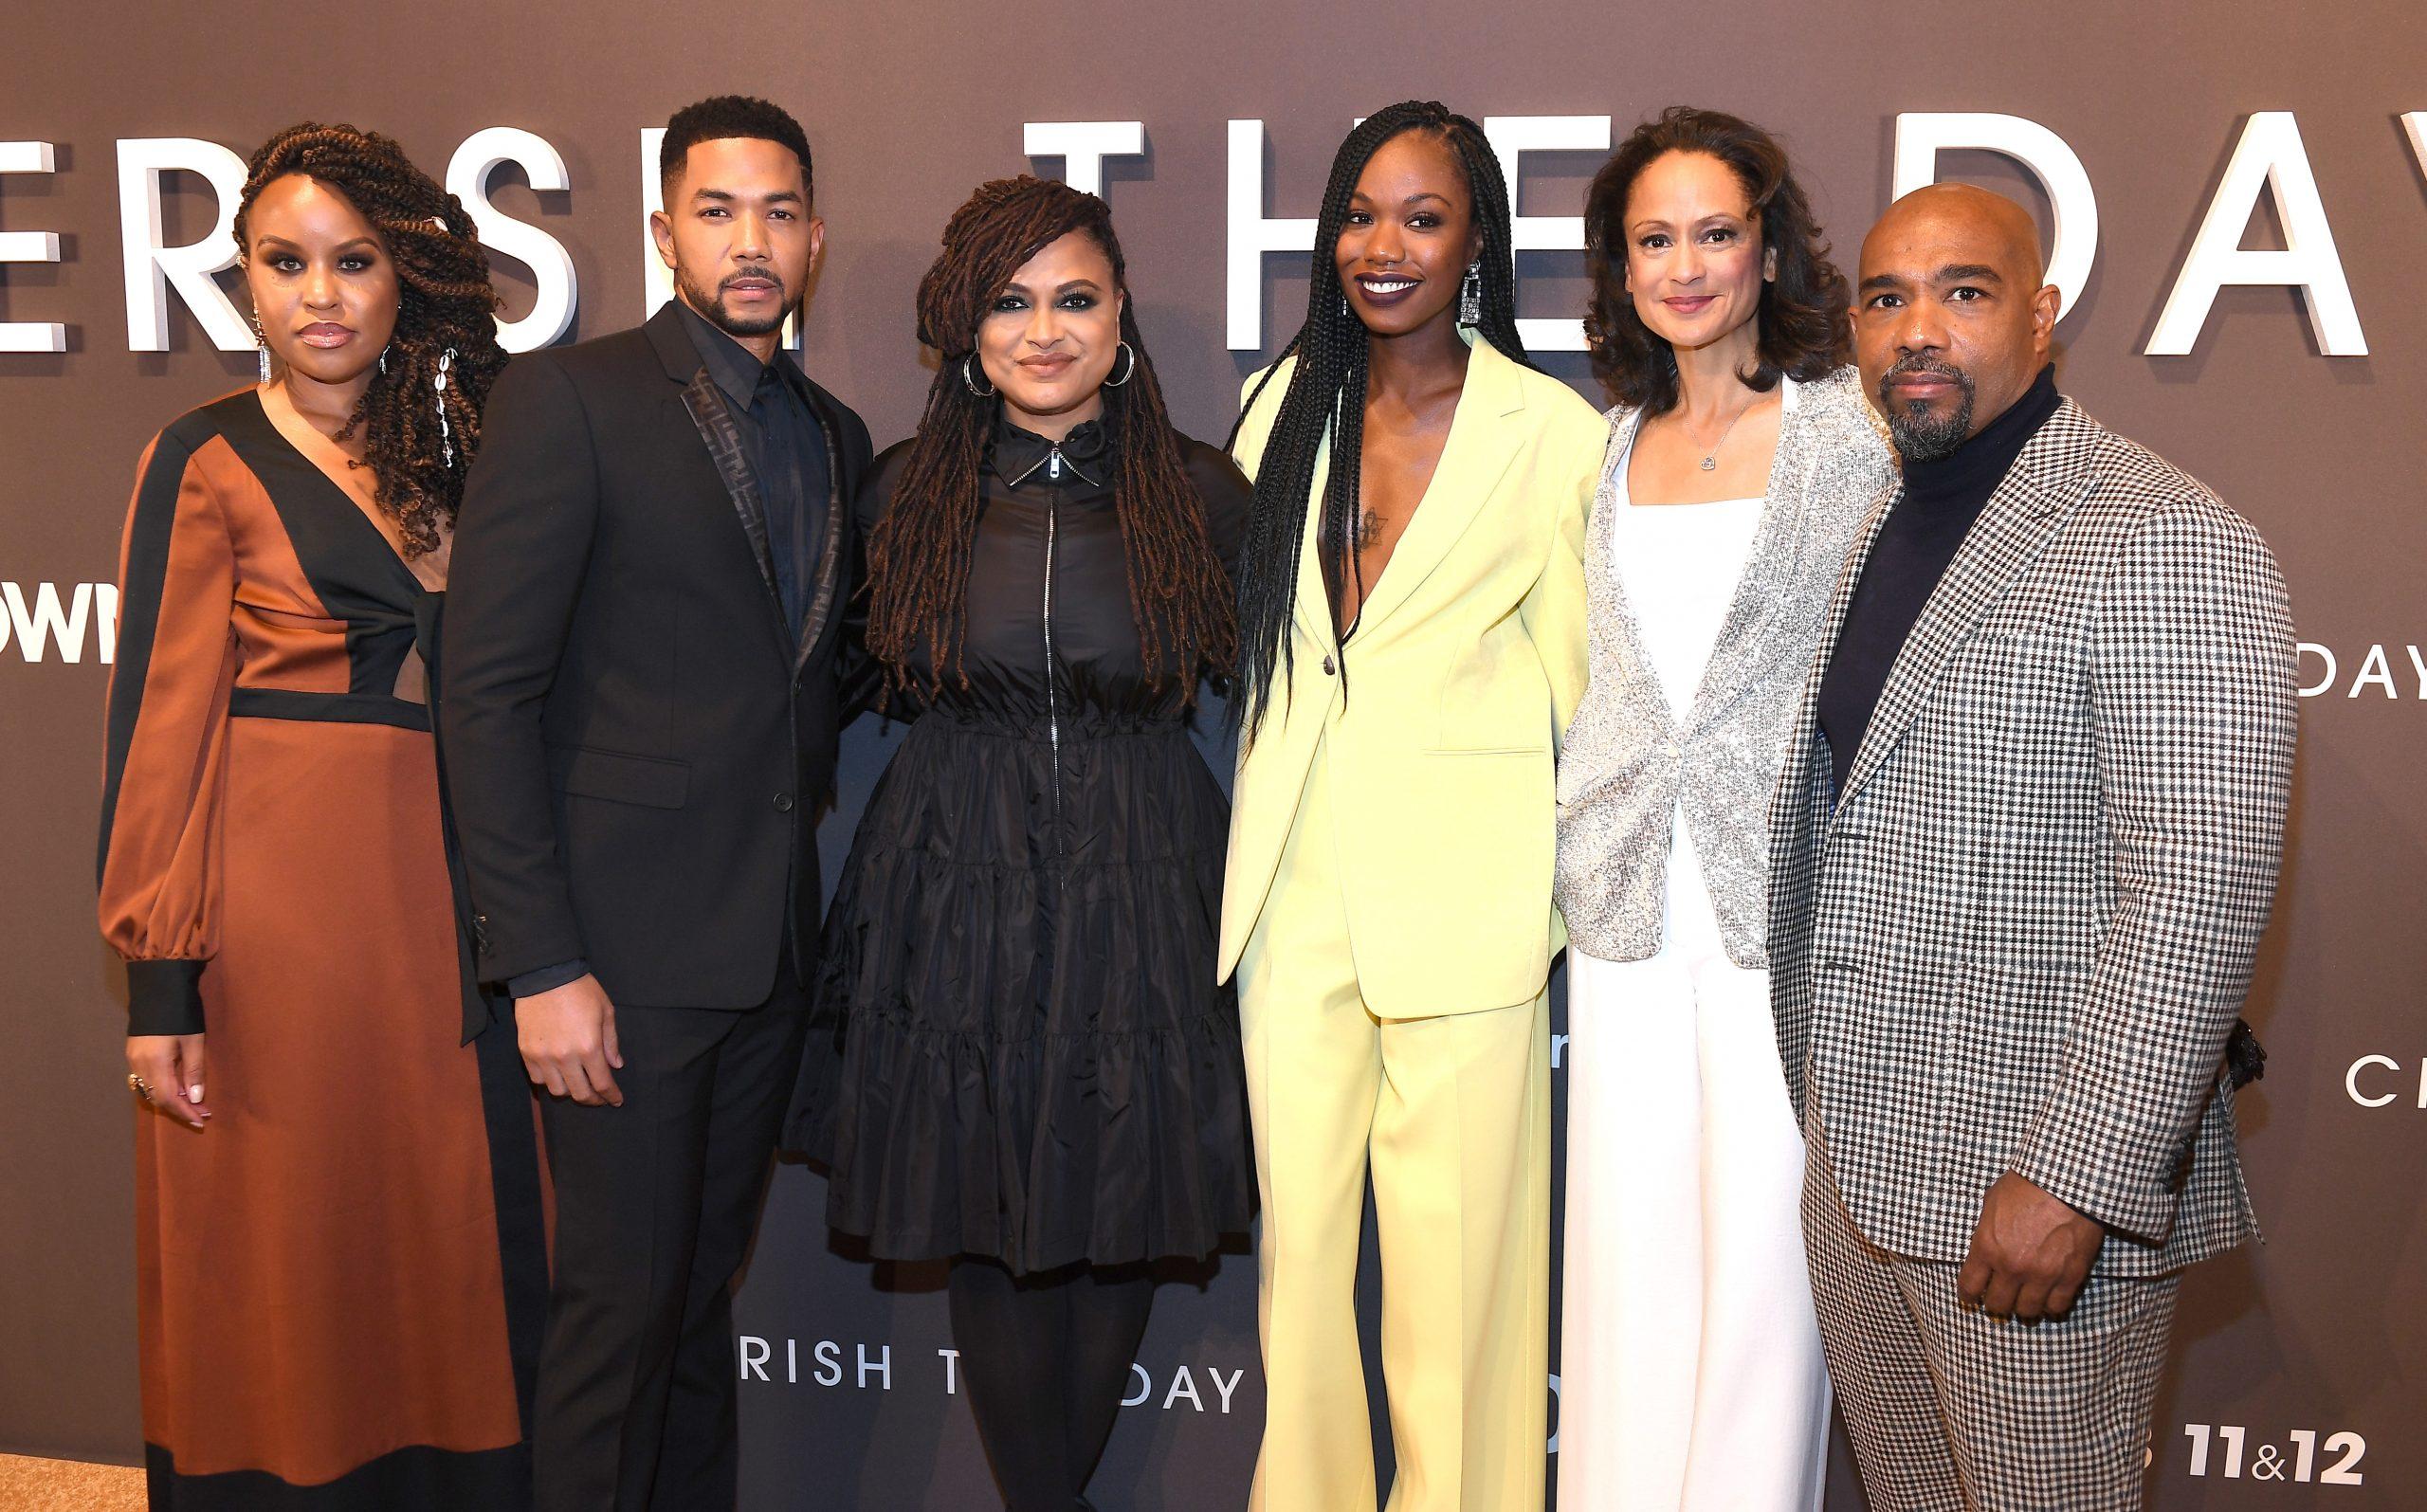 'Cherish The Day' Atlanta Launch Party w/Ava DuVernay And Cast